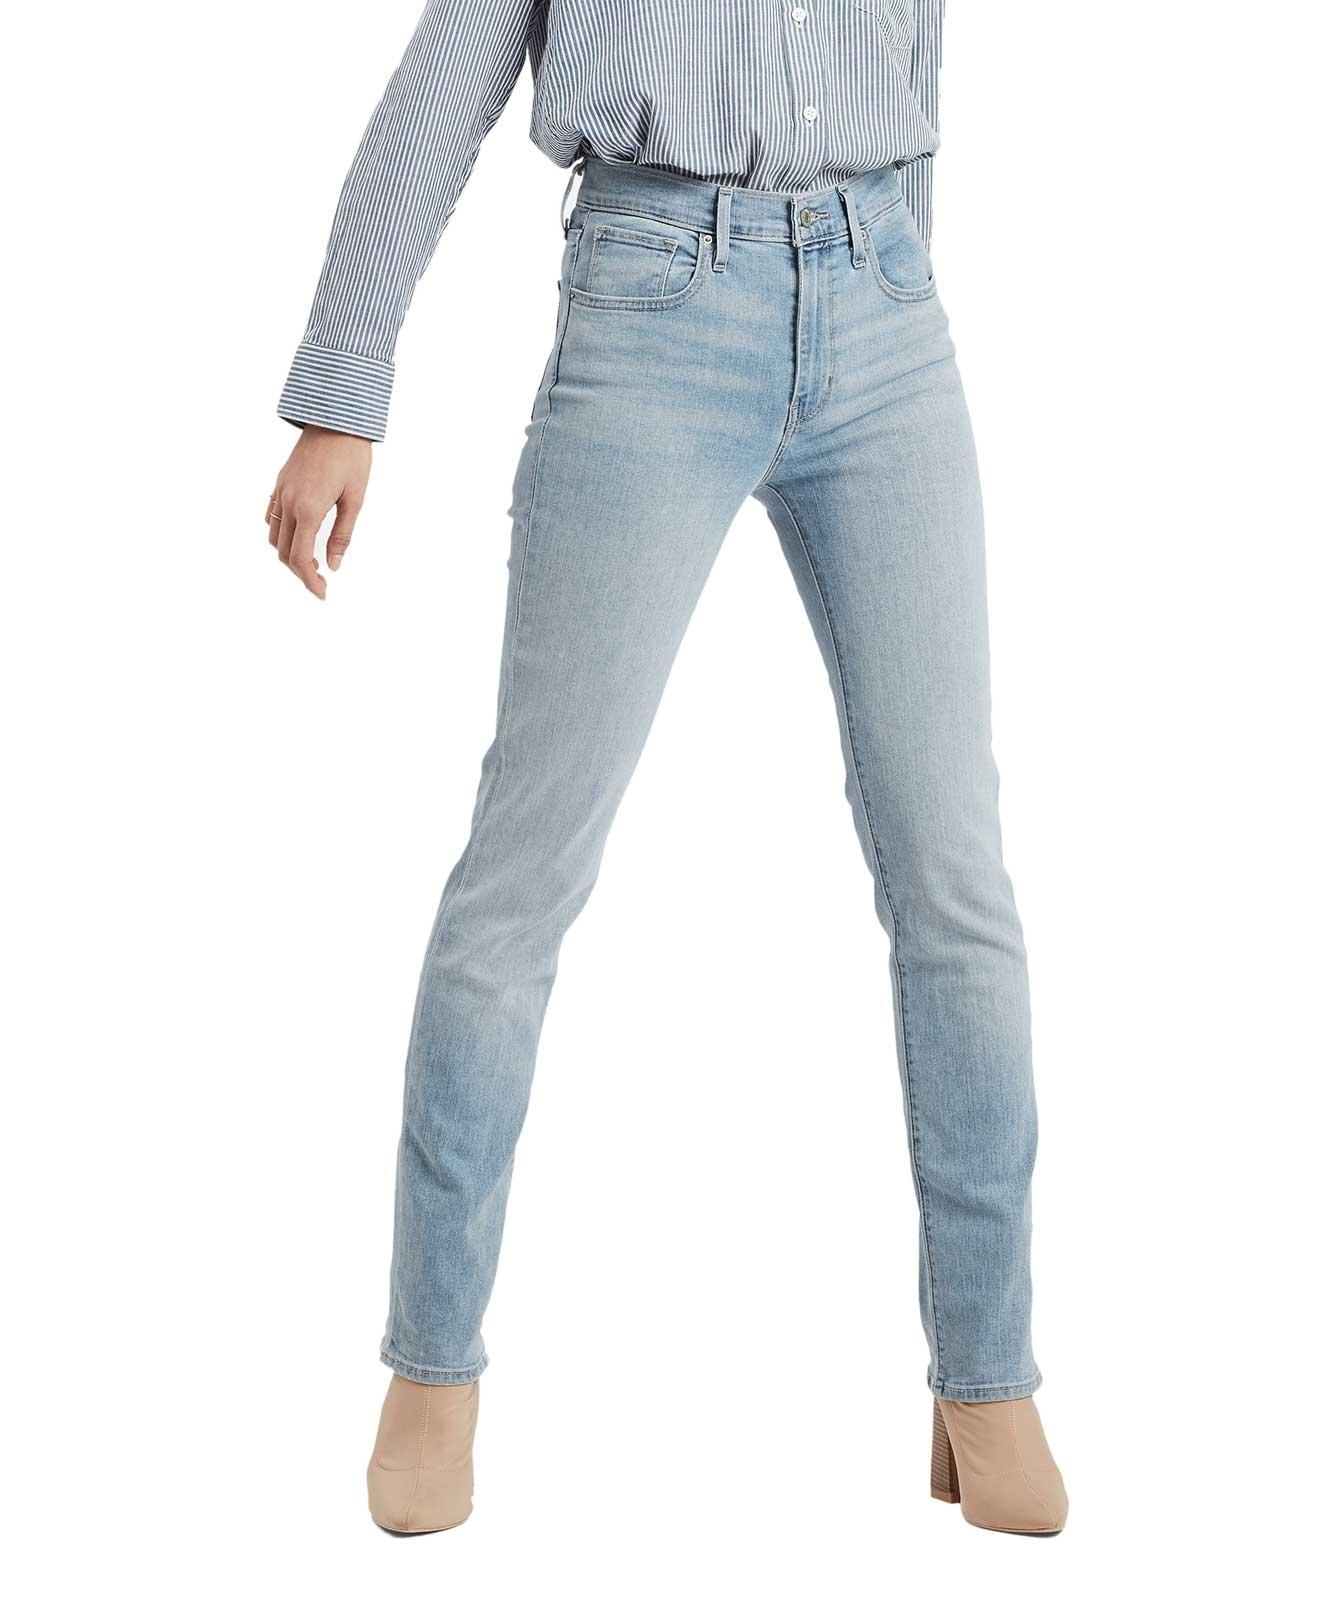 Hosen für Frauen - Levis 724 helle High Waisted Jeans mit geradem Bein  - Onlineshop Jeans Meile